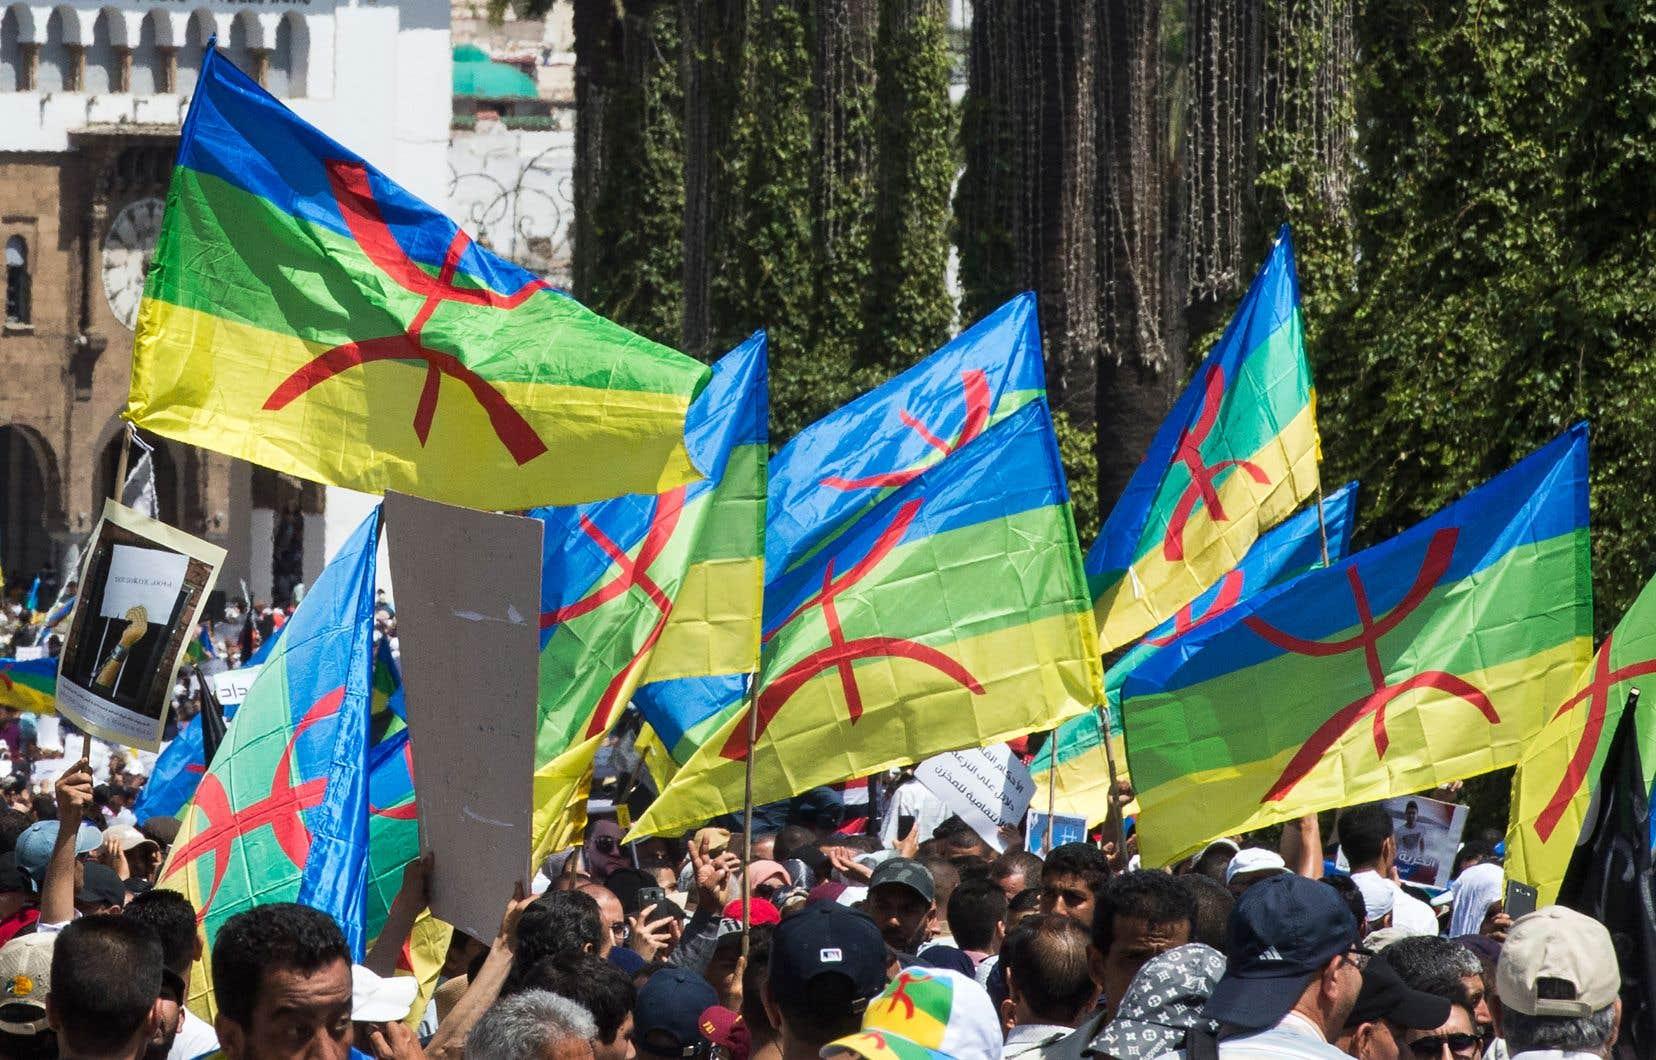 De très nombreux drapeaux berbères sont apparus à côté des drapeaux algériens lors de récentes manifestations en Algérie.